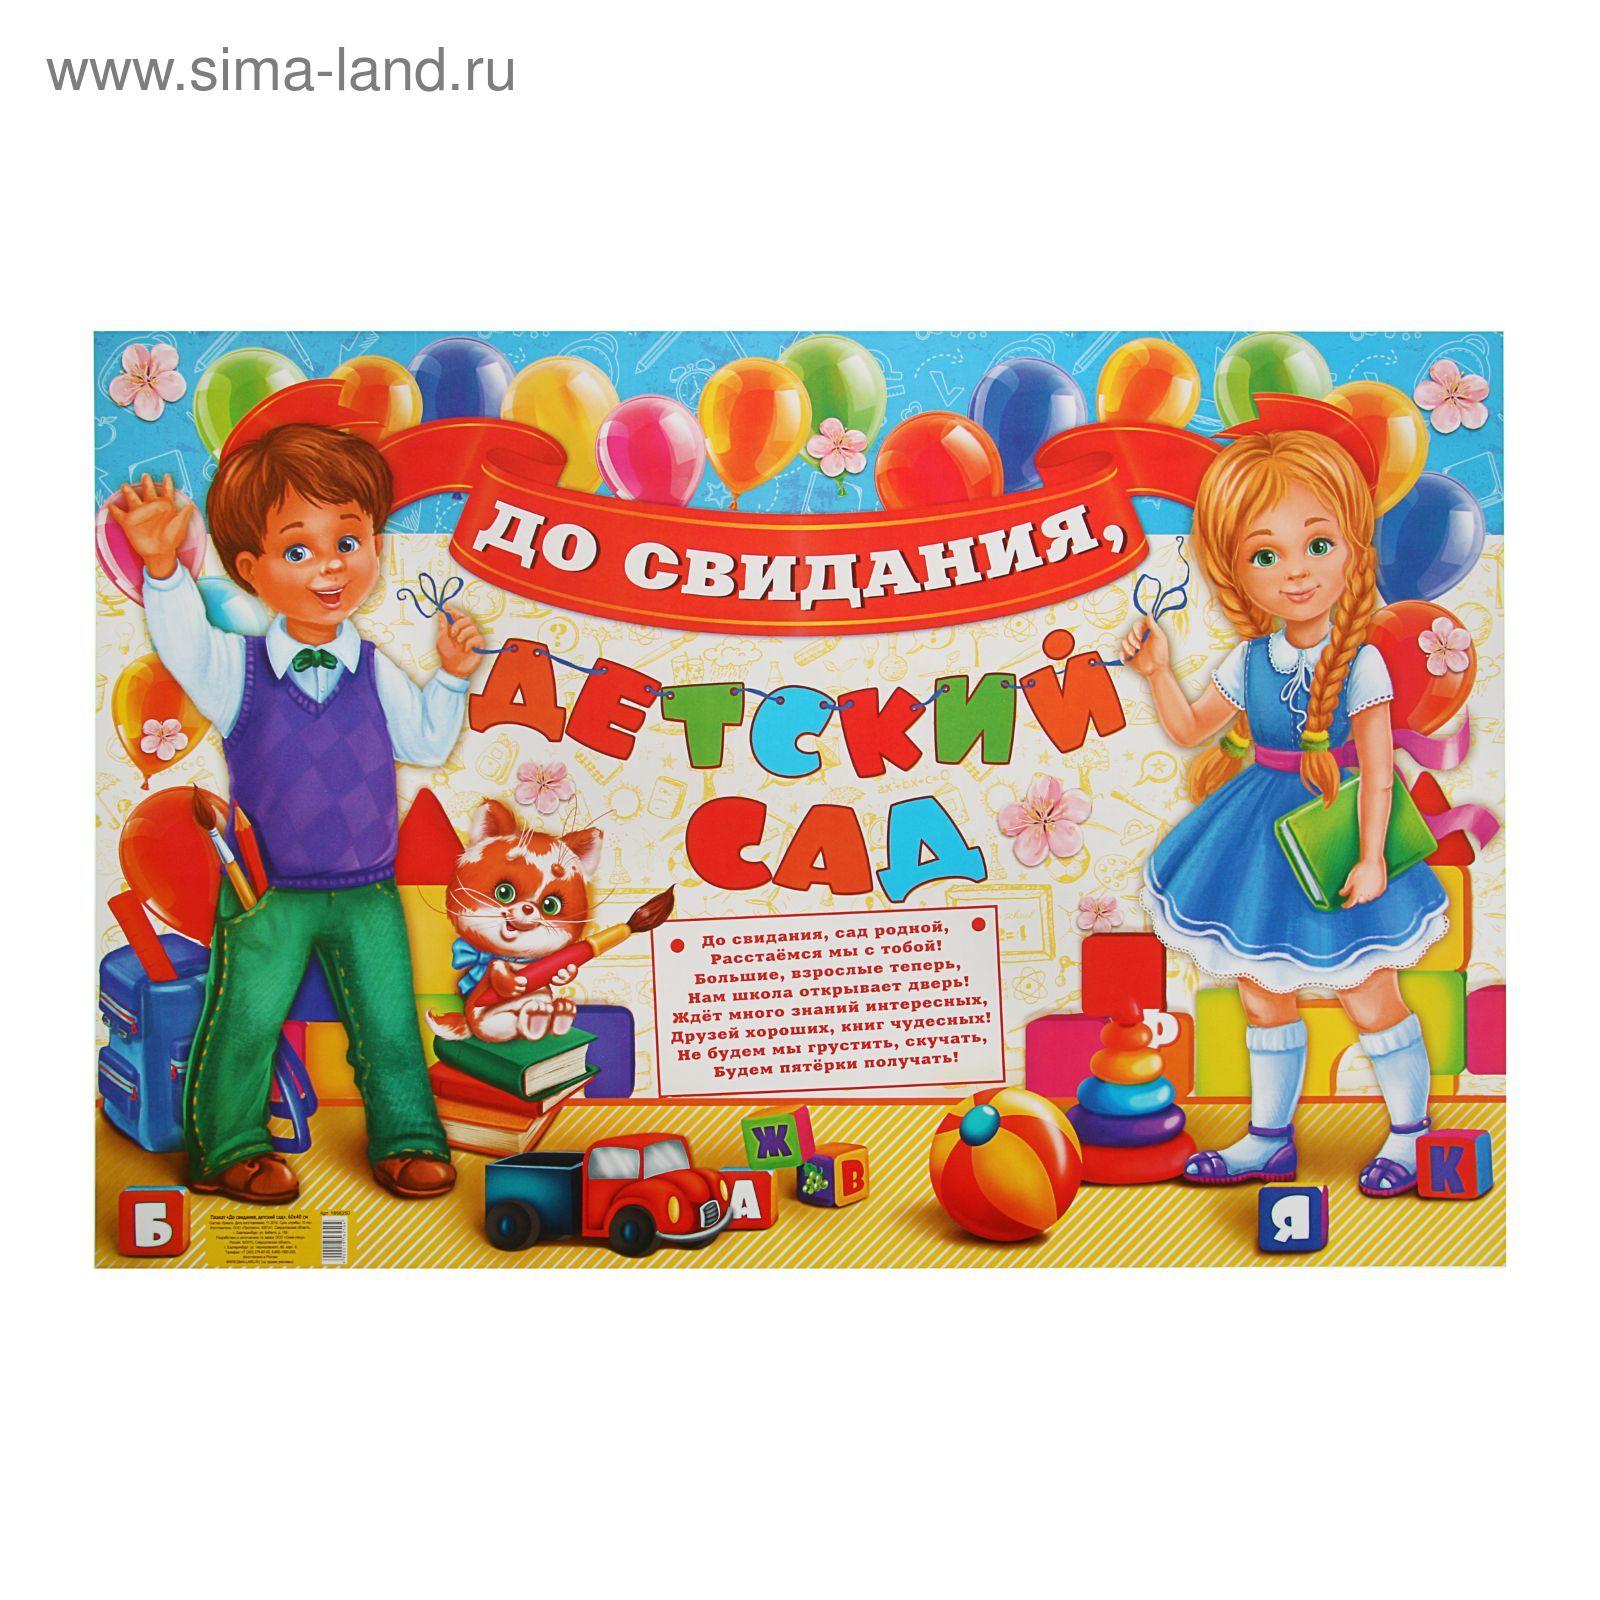 Плакат к выпускному в детском саду 22